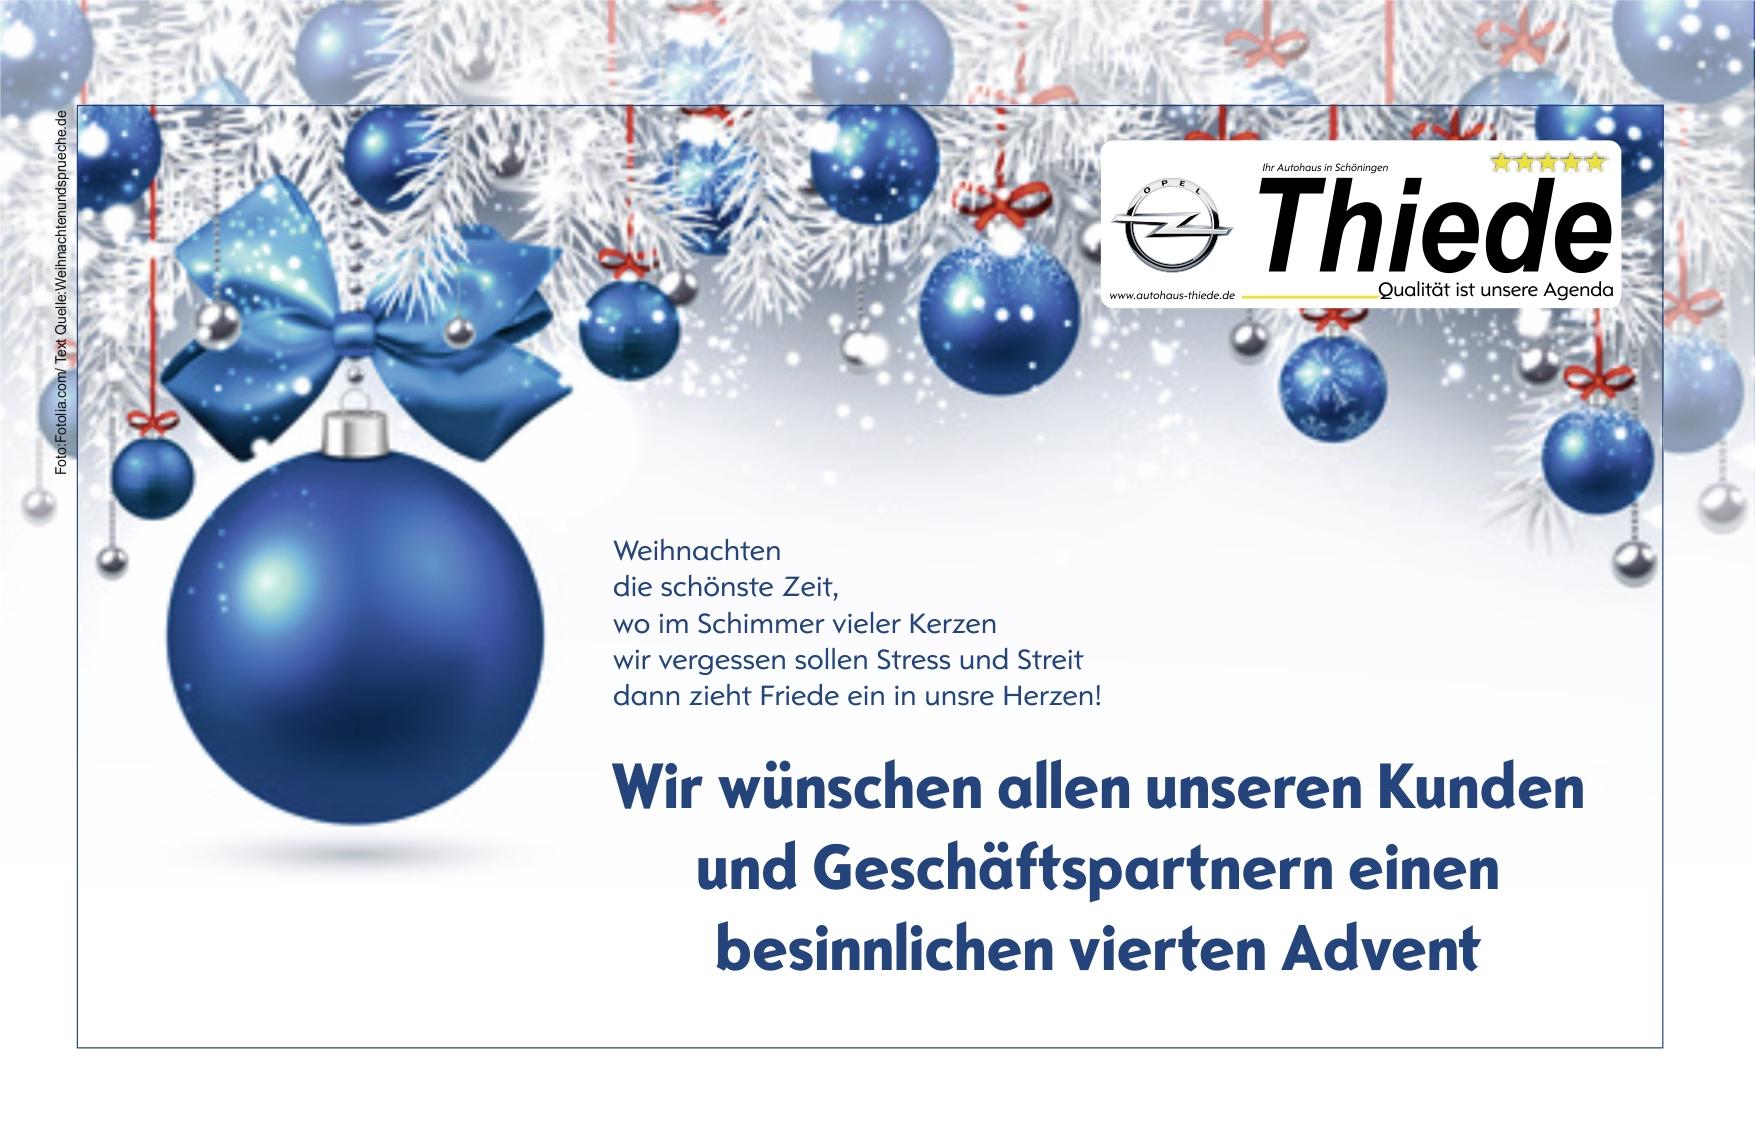 Vierte Advent im Autohaus Thiede besinnliche Angebote nutzen!